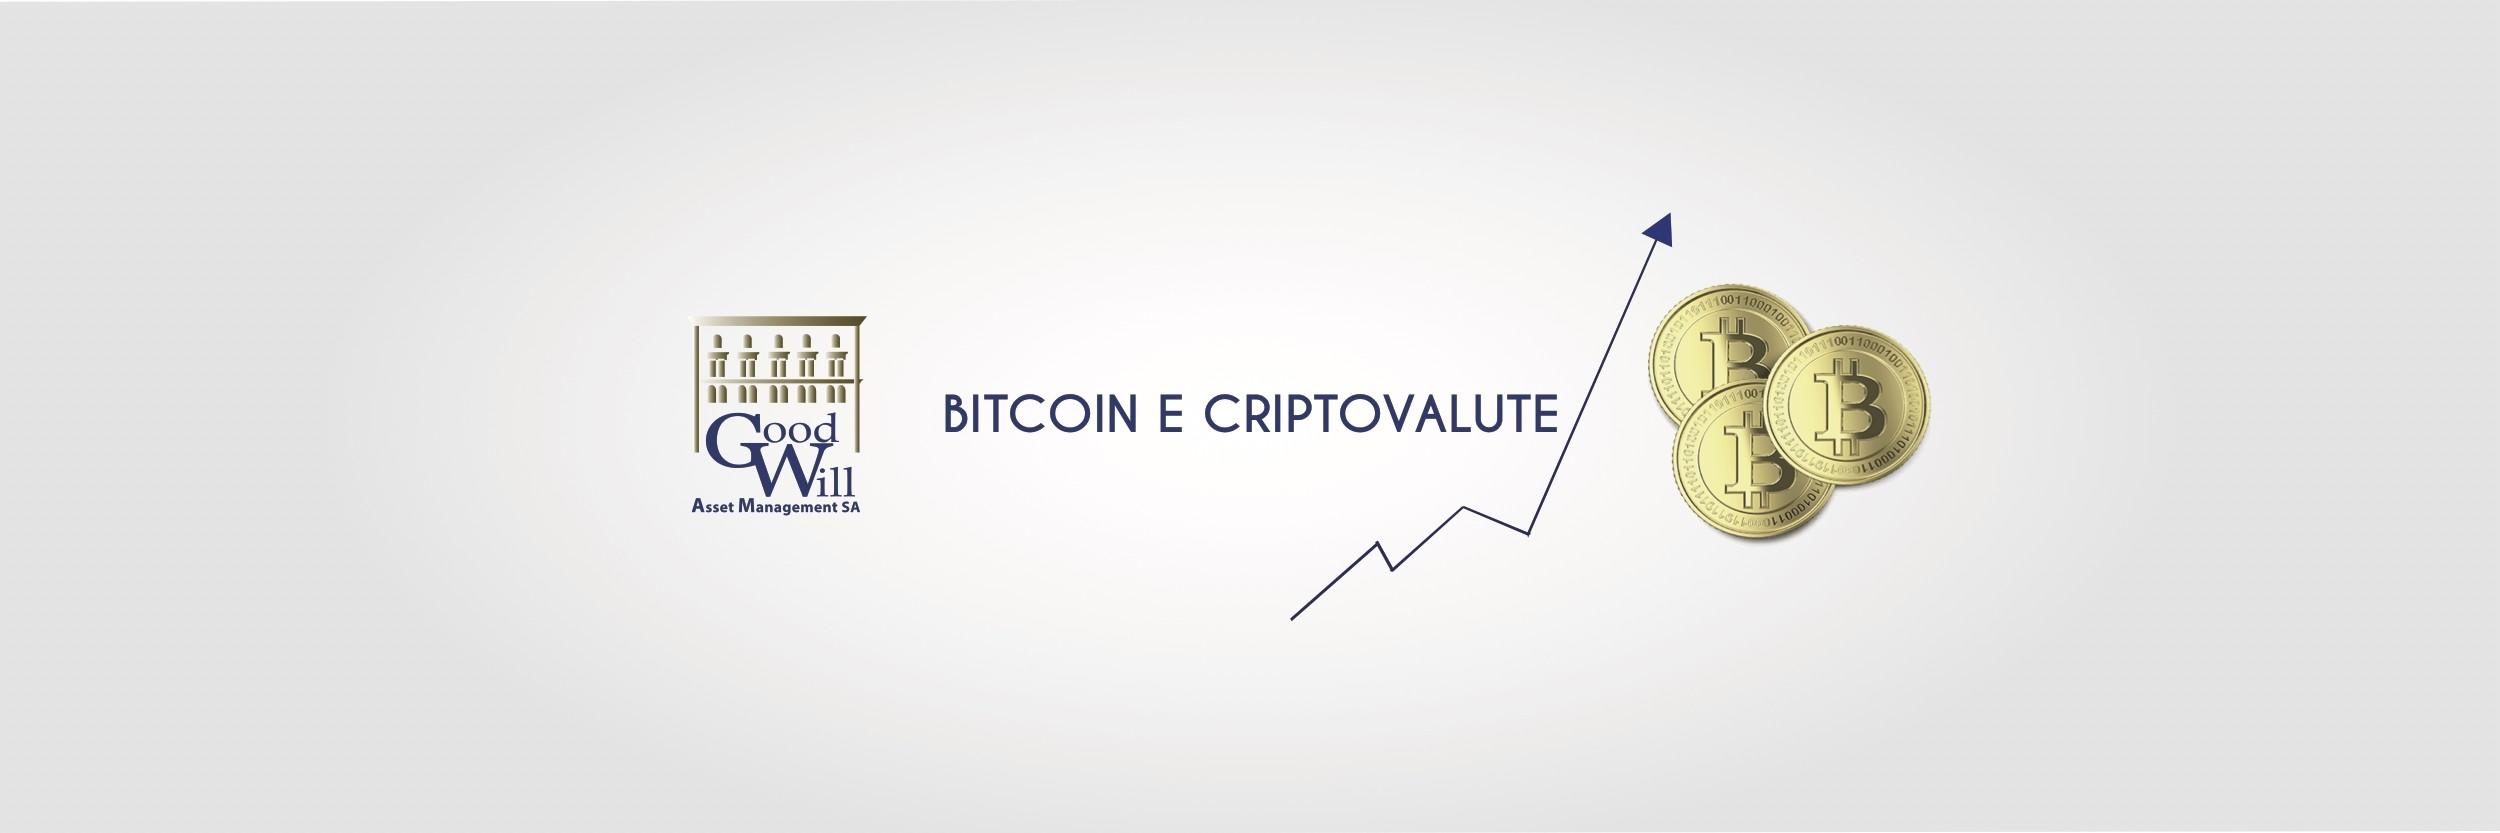 bitcoin e criptovalute opportunità